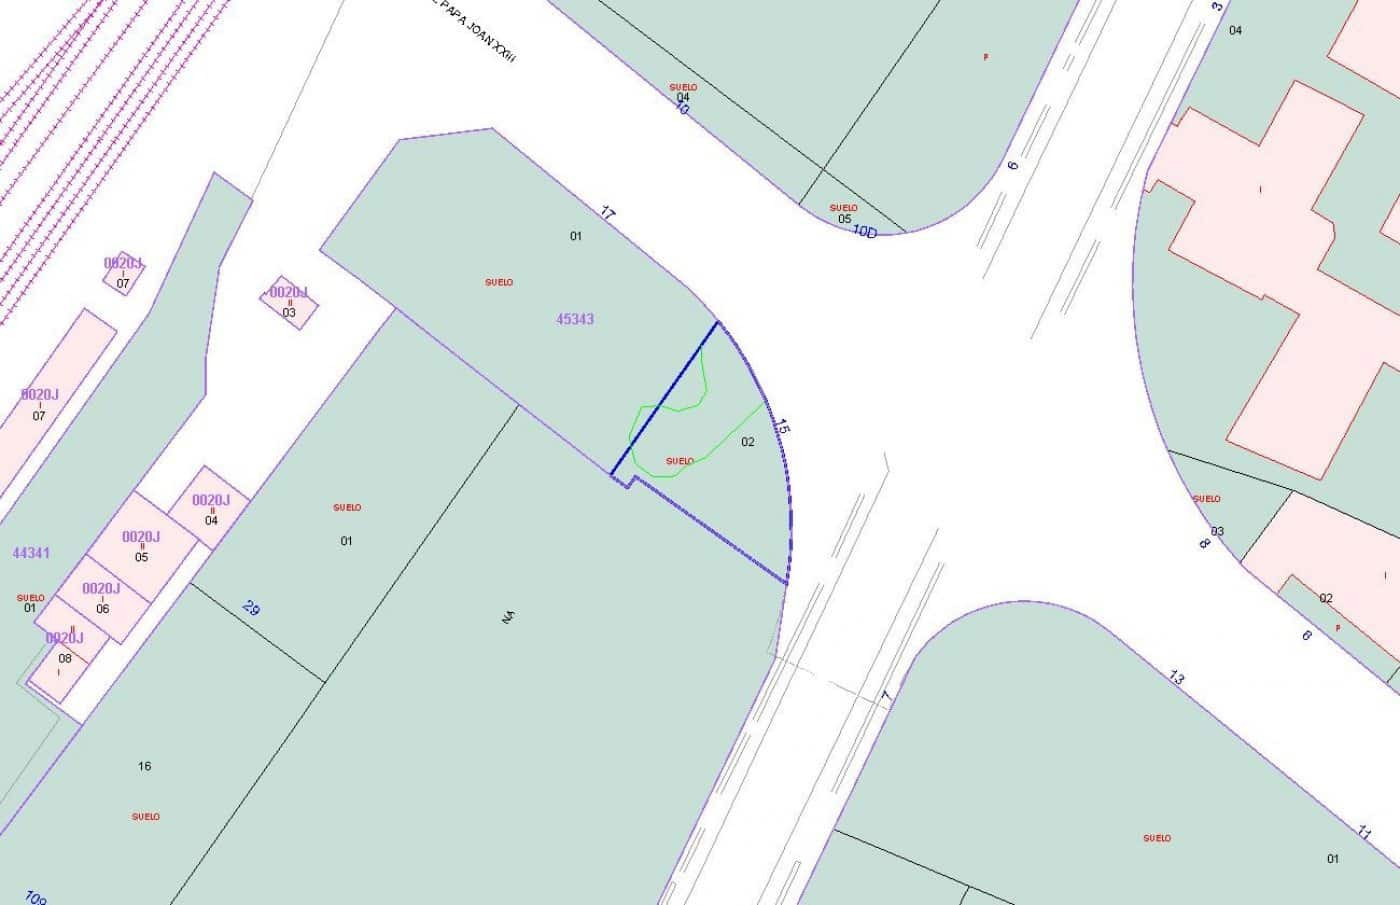 Terrain à Bâtir à vendre à Vinaros - 475 000 € (Ref: 5415949)